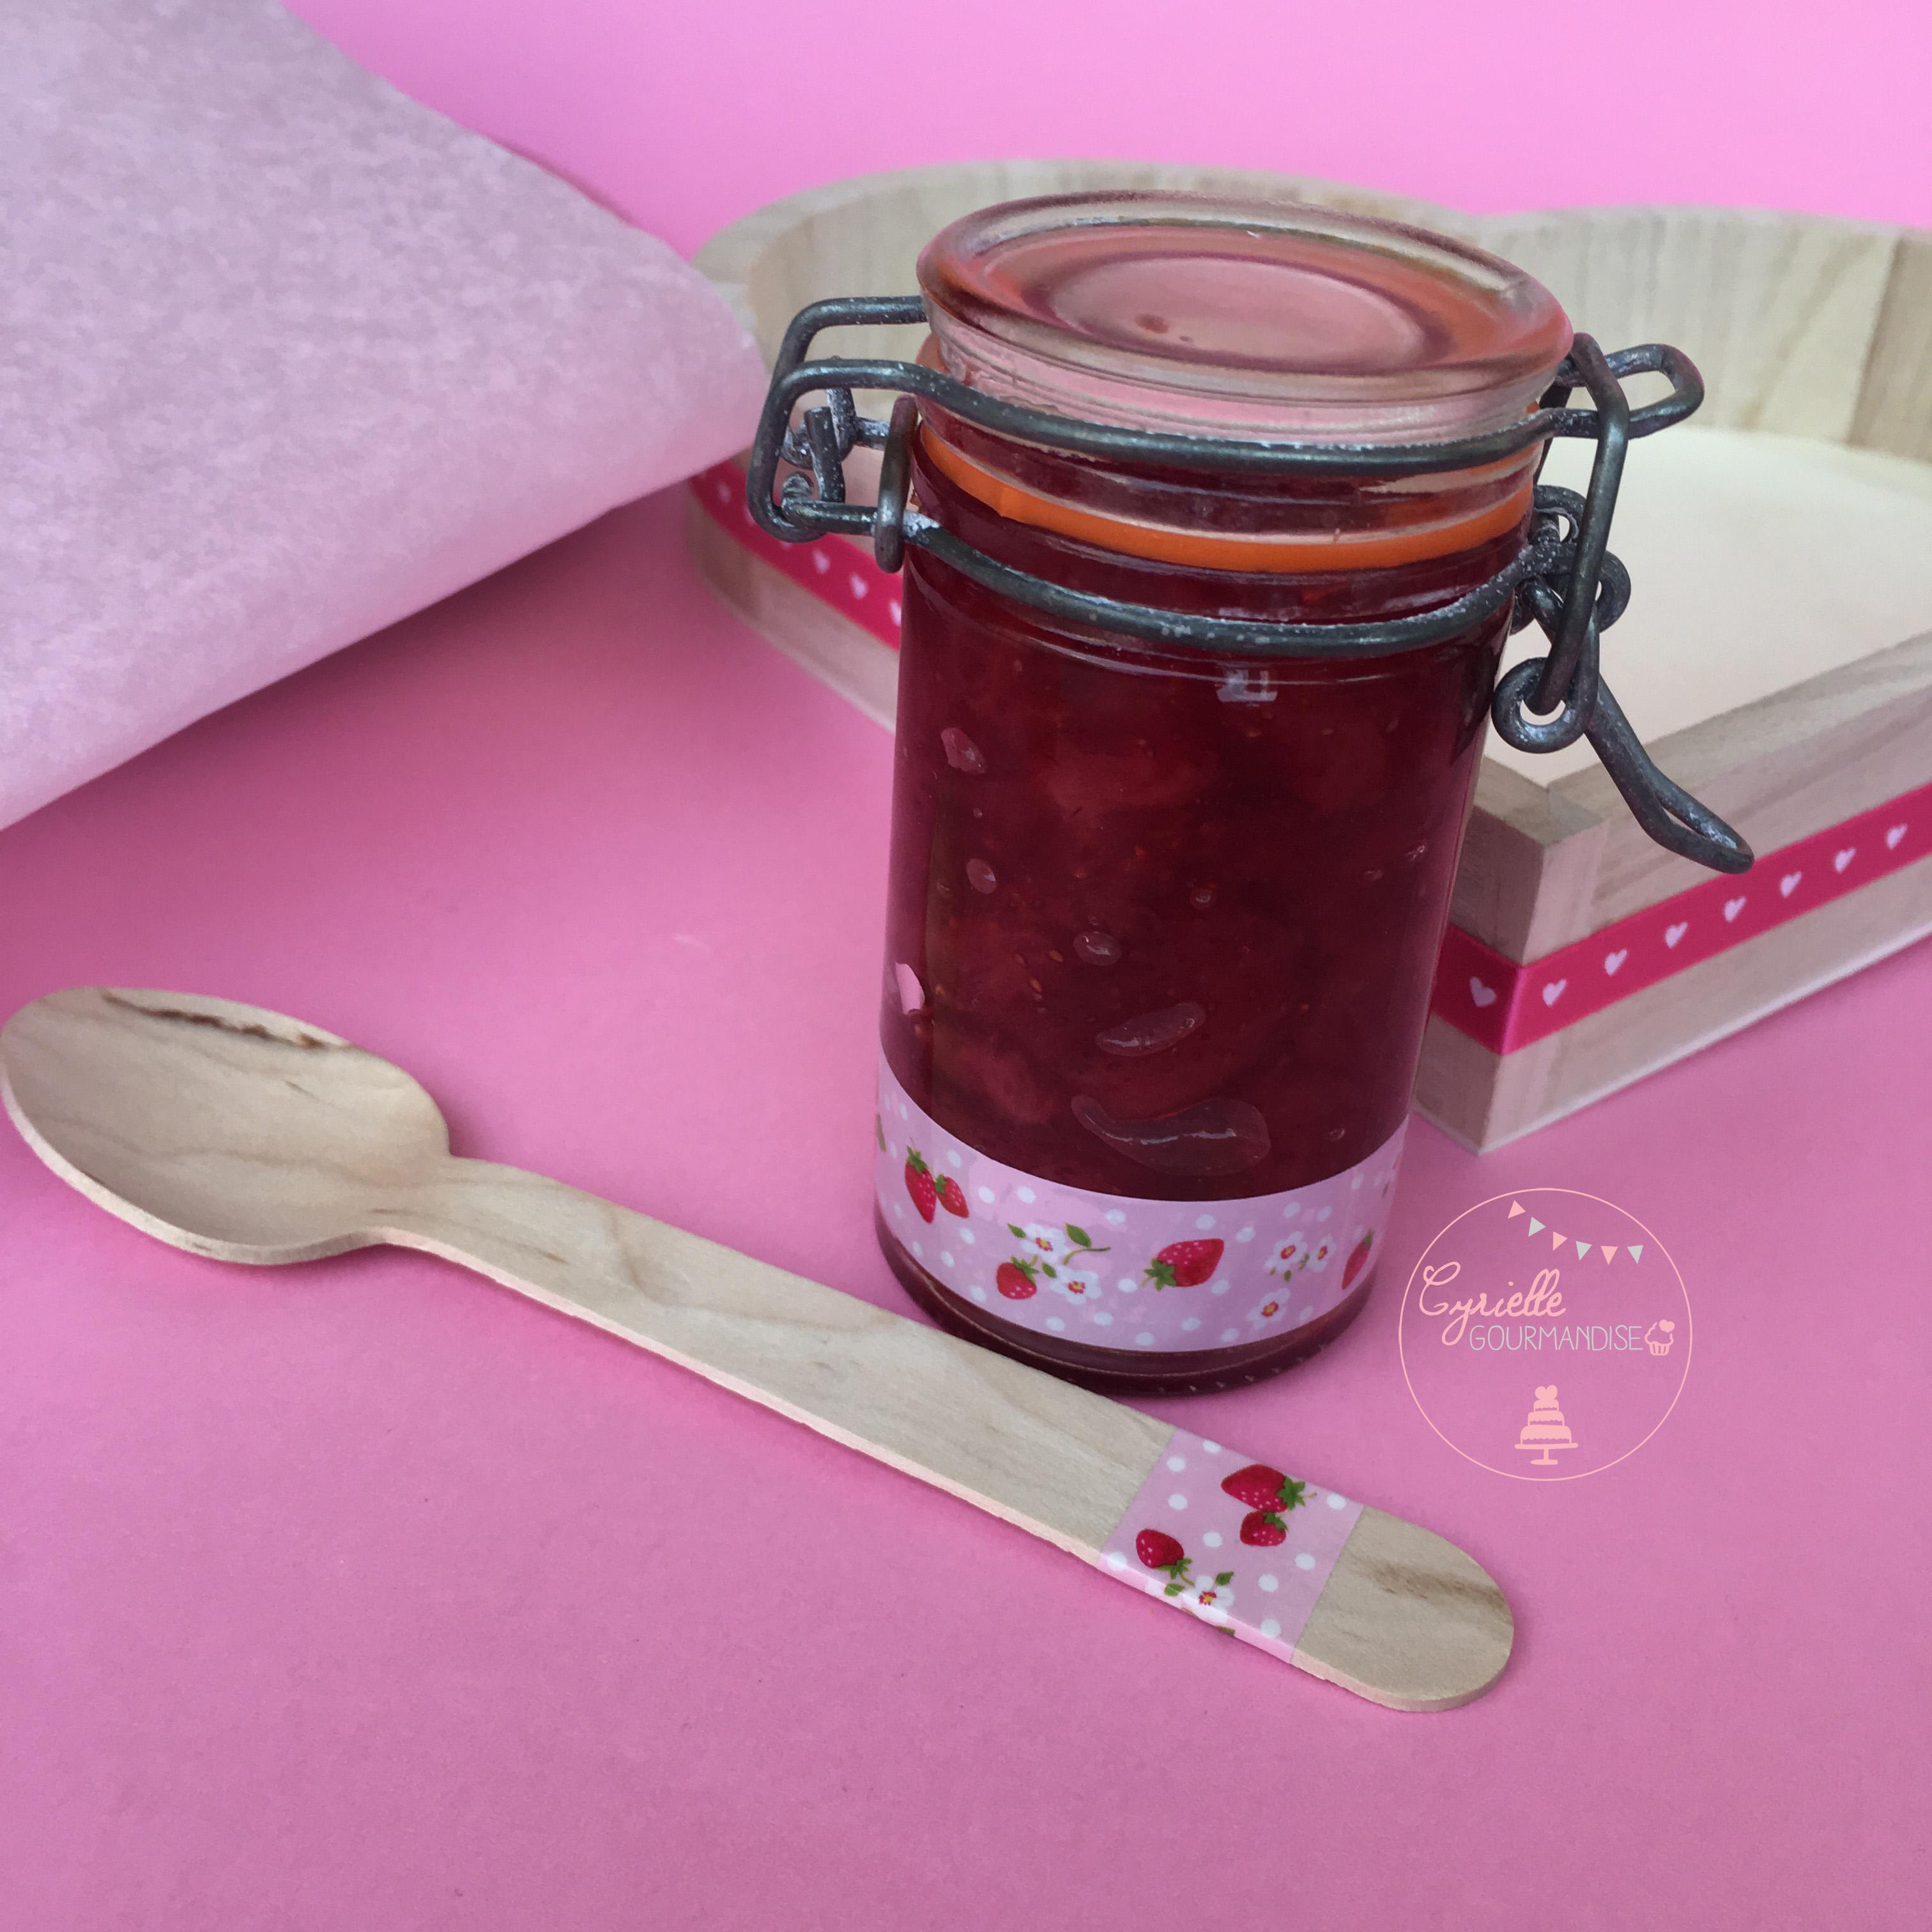 Coffret Tea Time Gourmand - confit de fraises